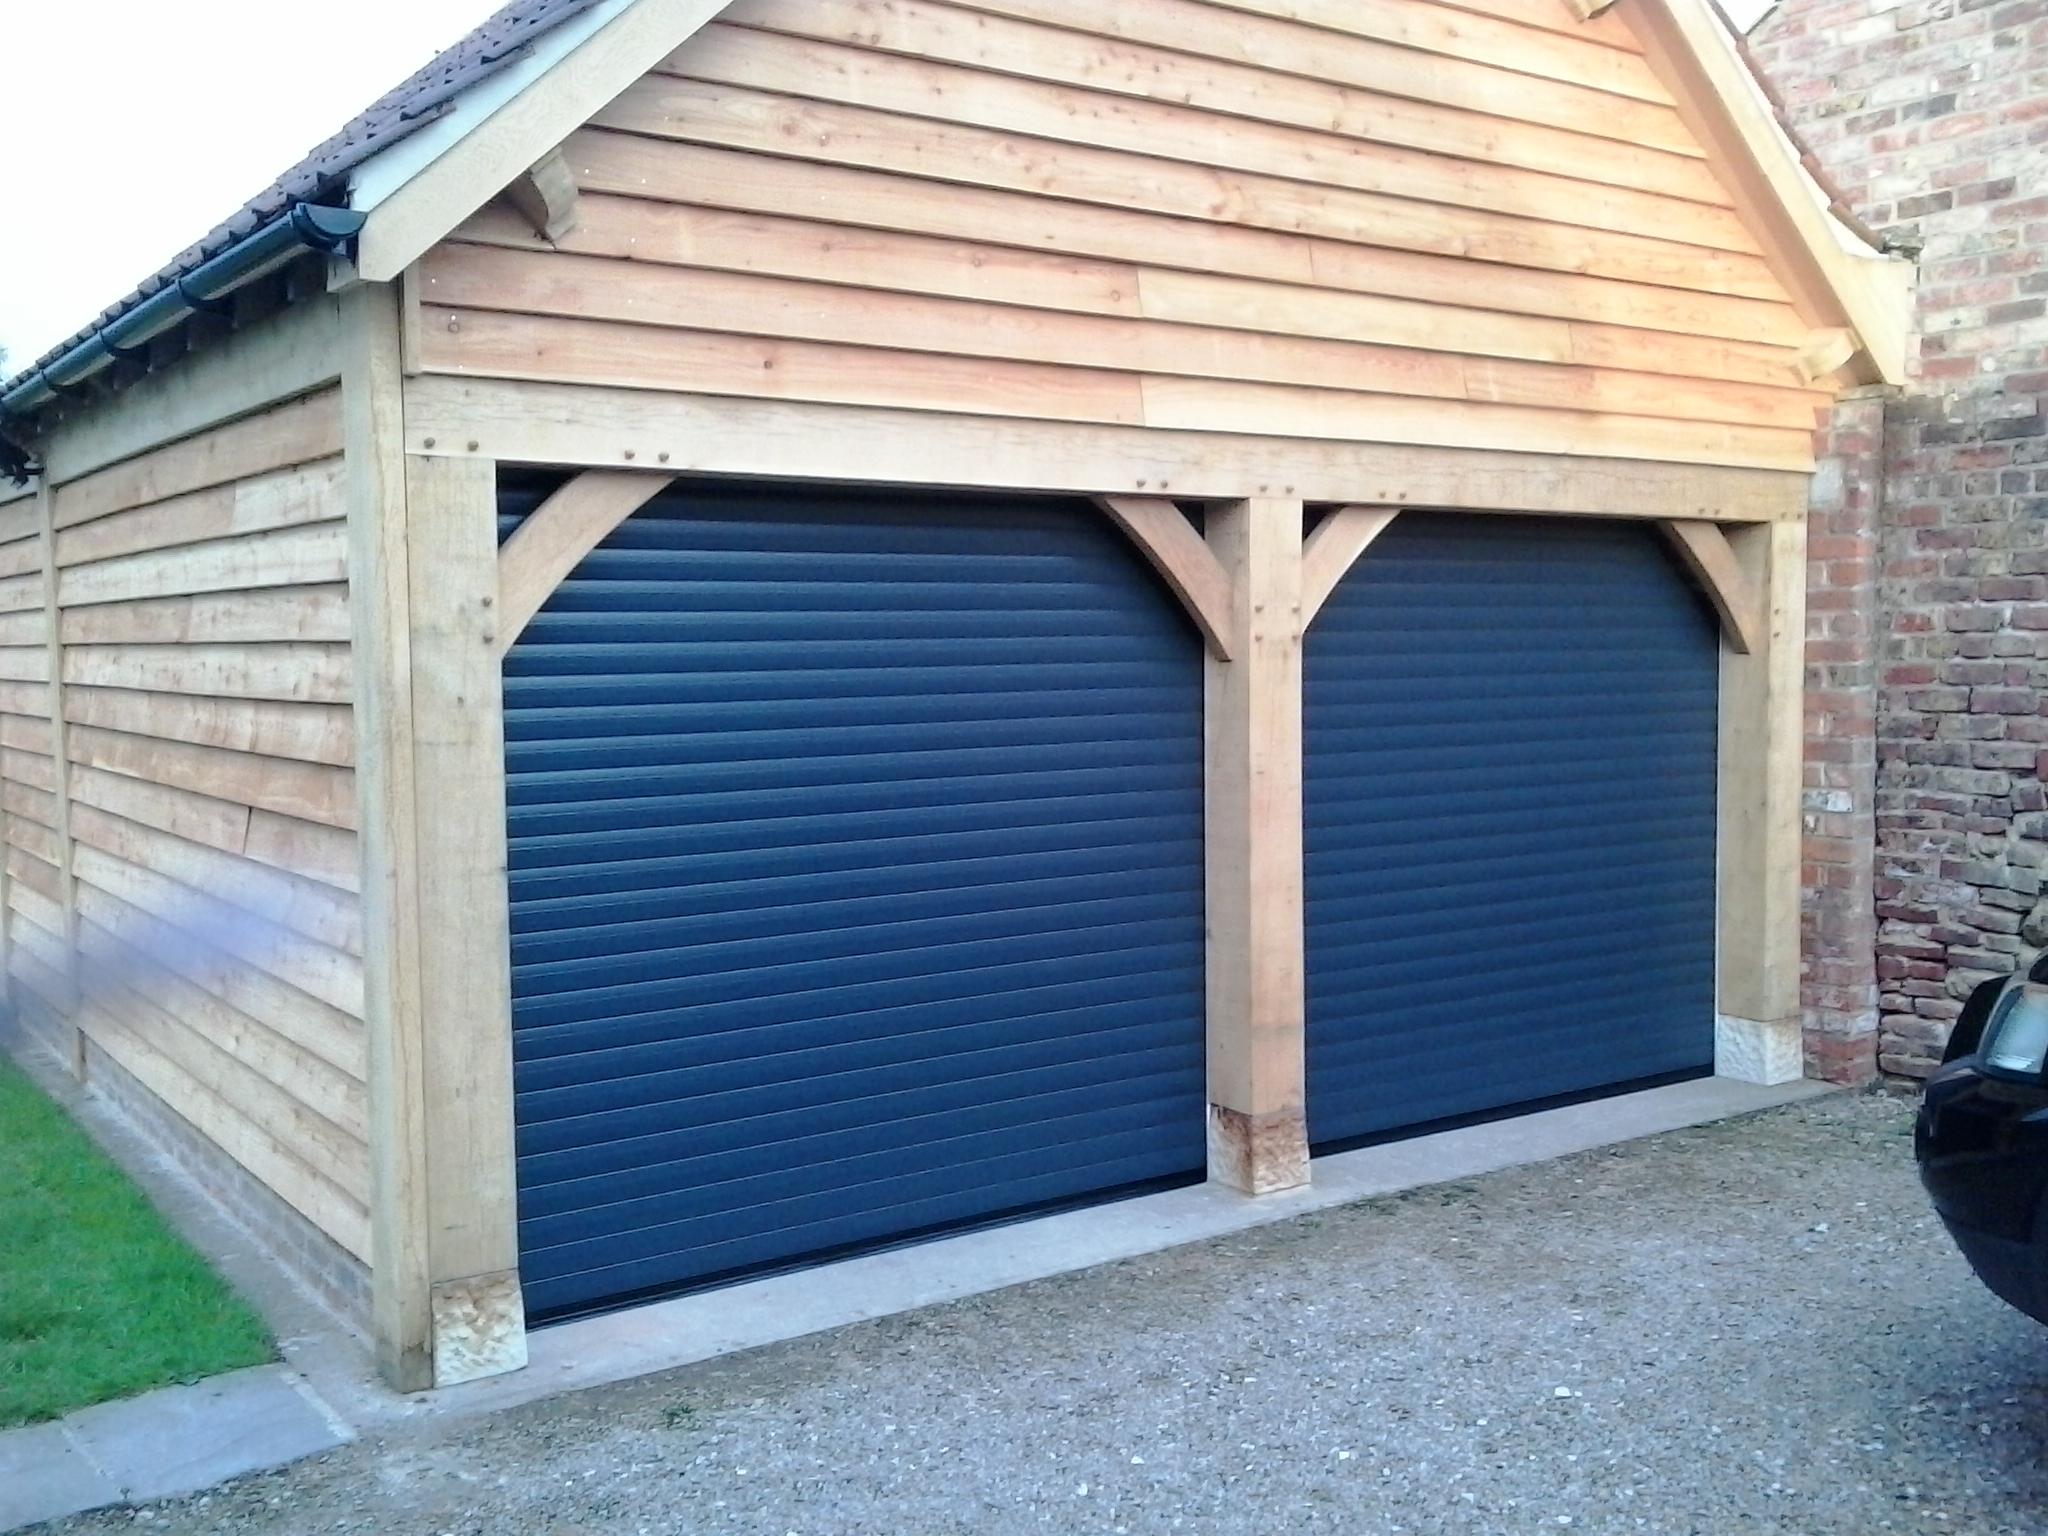 77mm lath doors